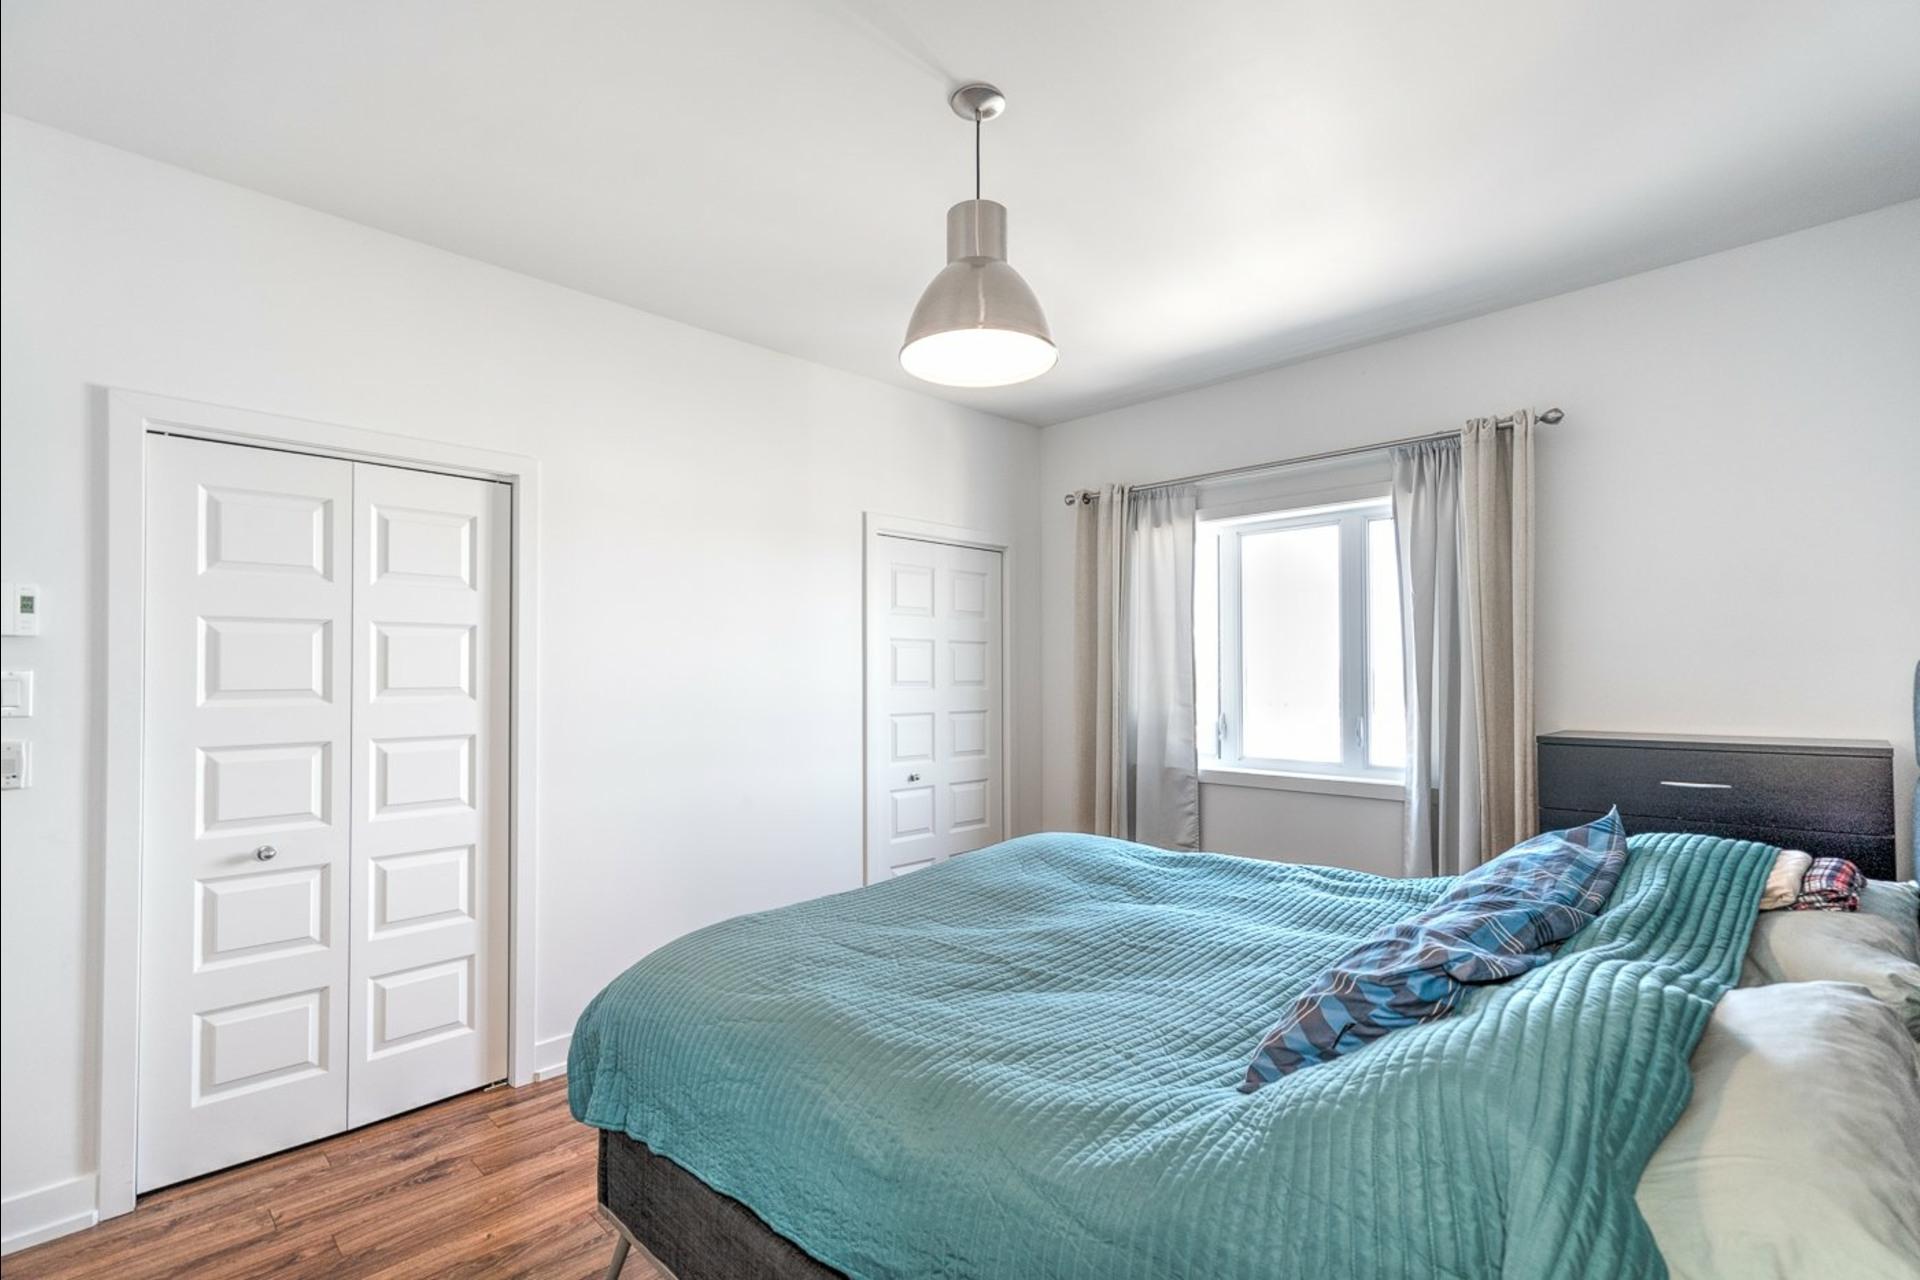 image 21 - Appartement À vendre Châteauguay - 7 pièces